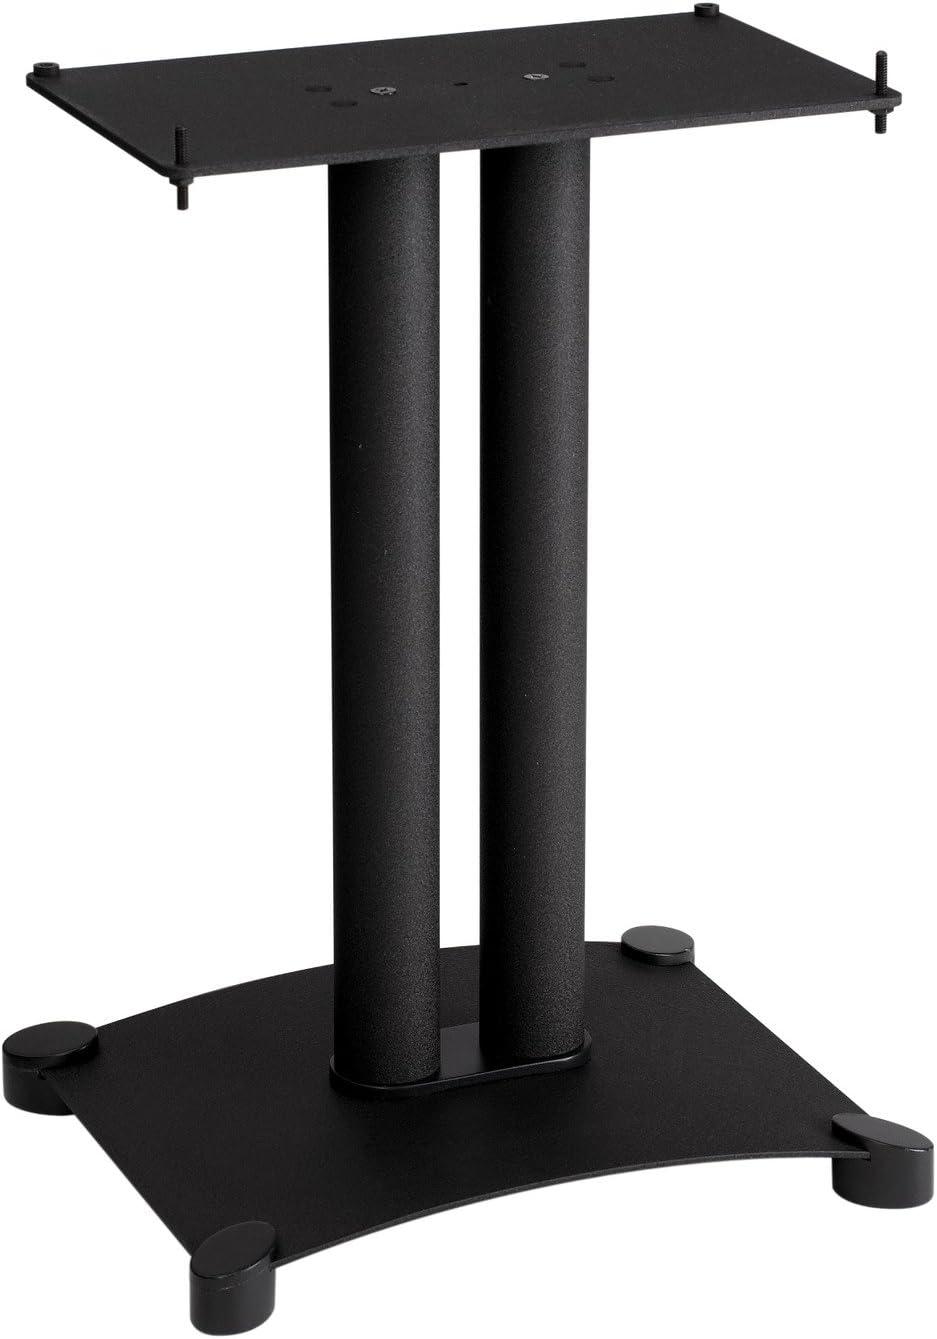 Sanus SFC22-B1 Steel Series 22 Speaker Stand for Center Channel Speakers Black